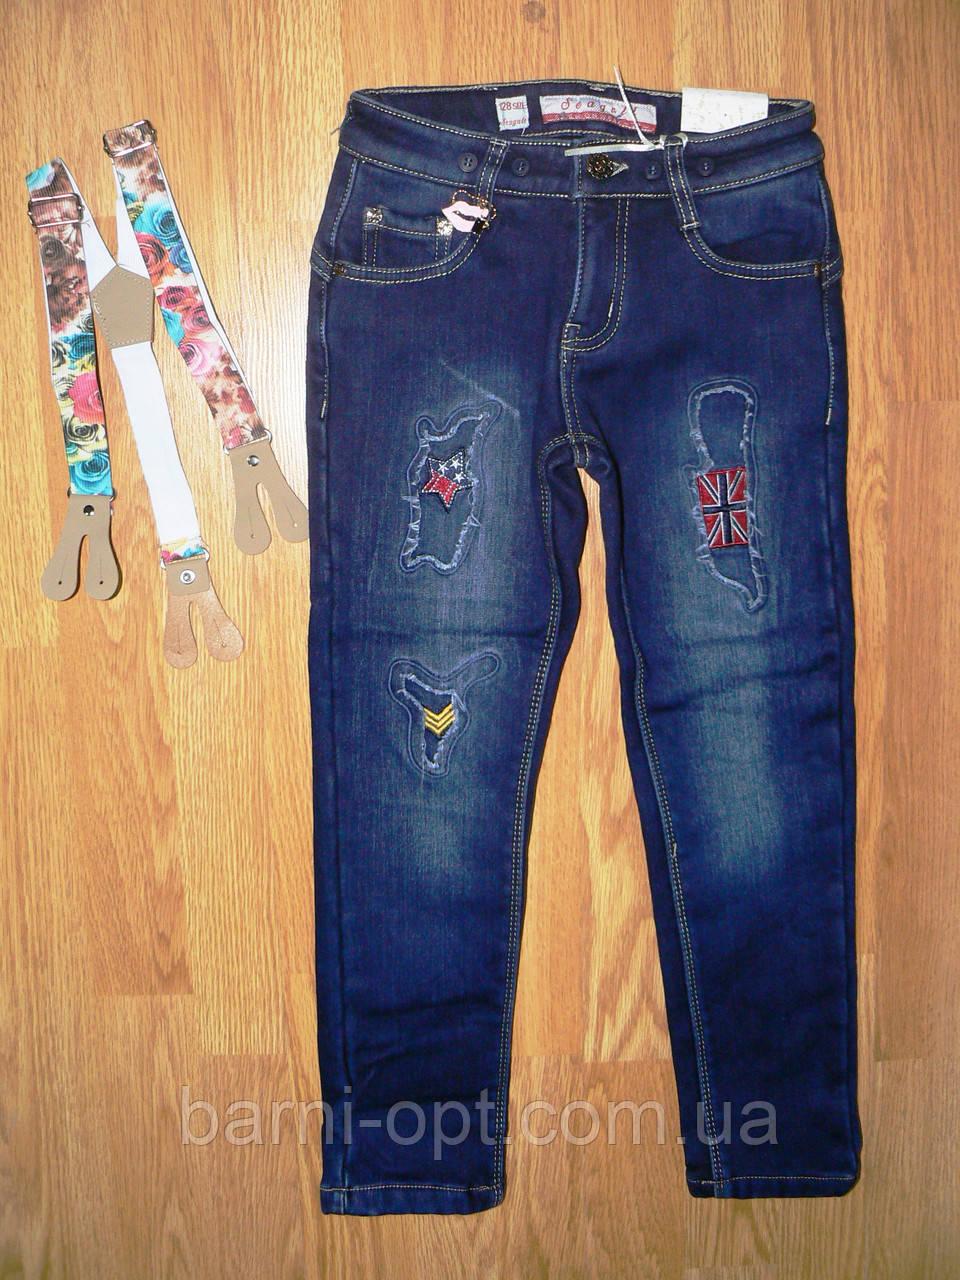 Джинсовые брюки для девочек на флисе, Seagull 116-146 рр